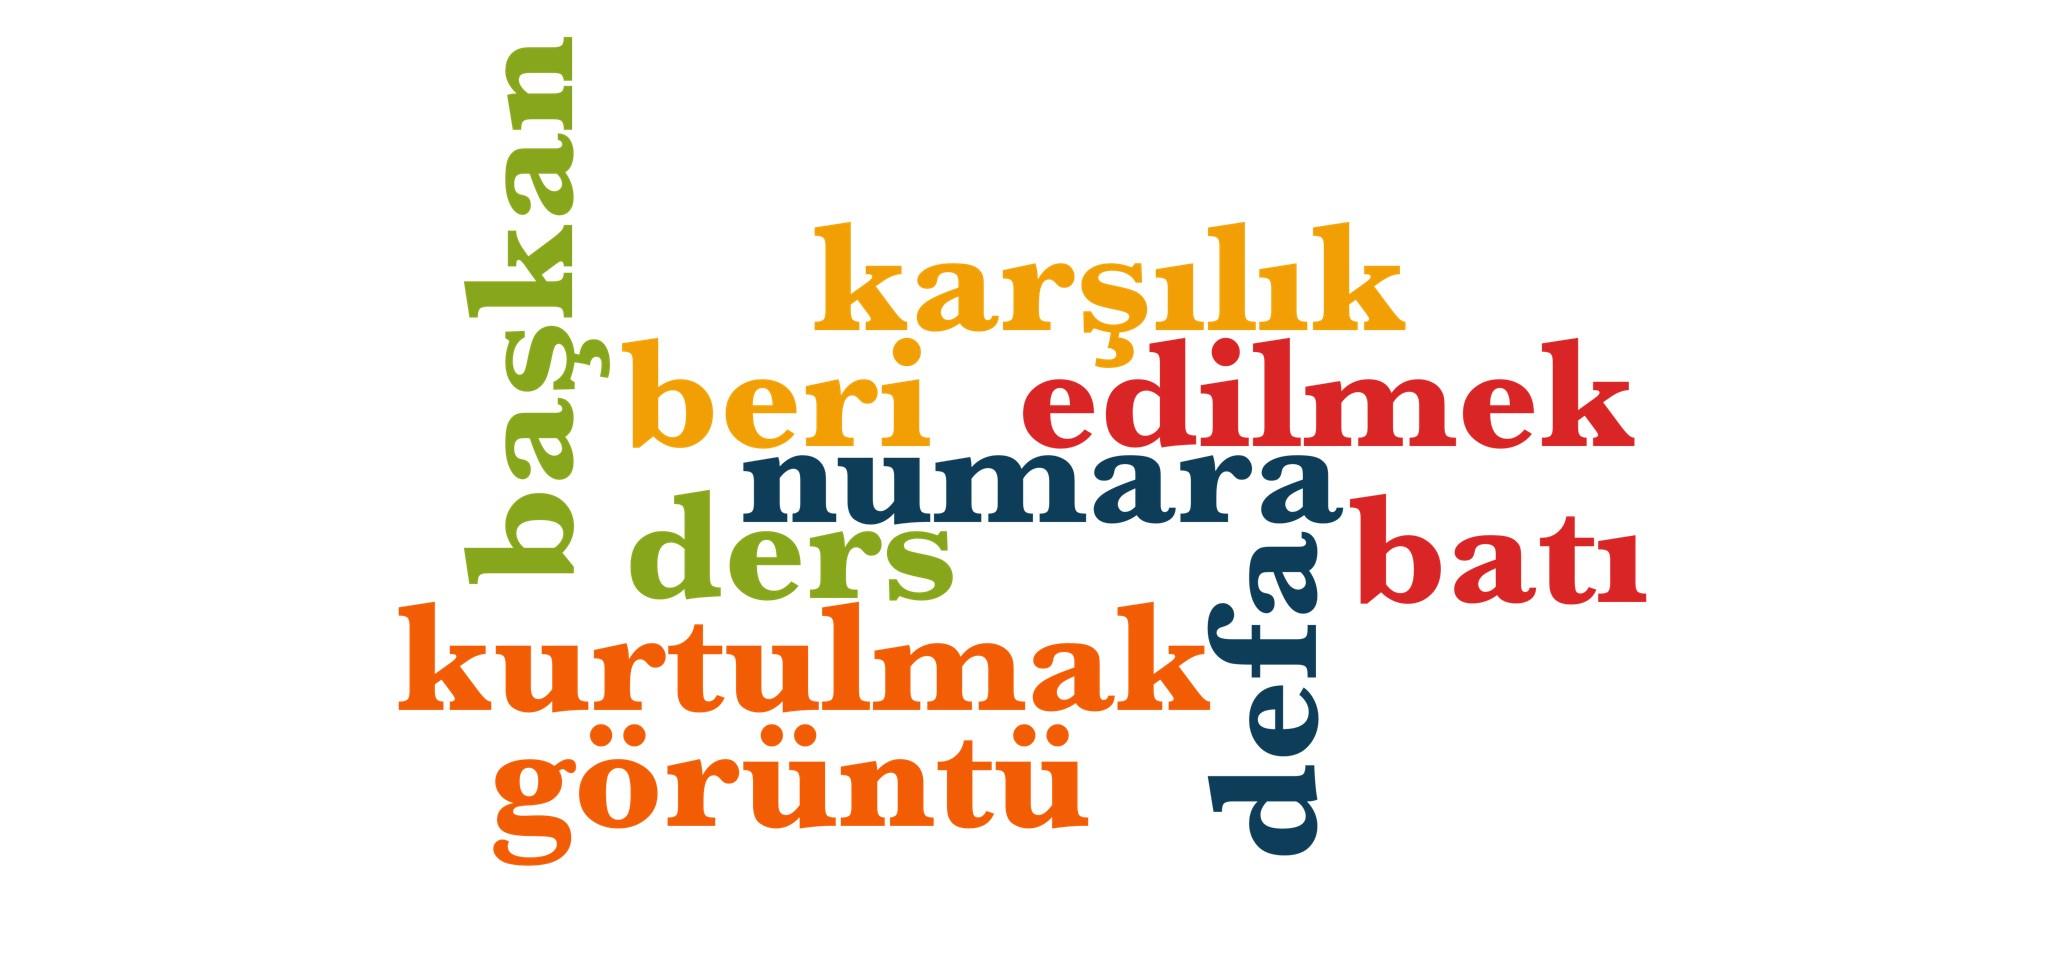 Wörter 591 bis 600 der 1000 häufigsten Wörter der türkischen Sprache